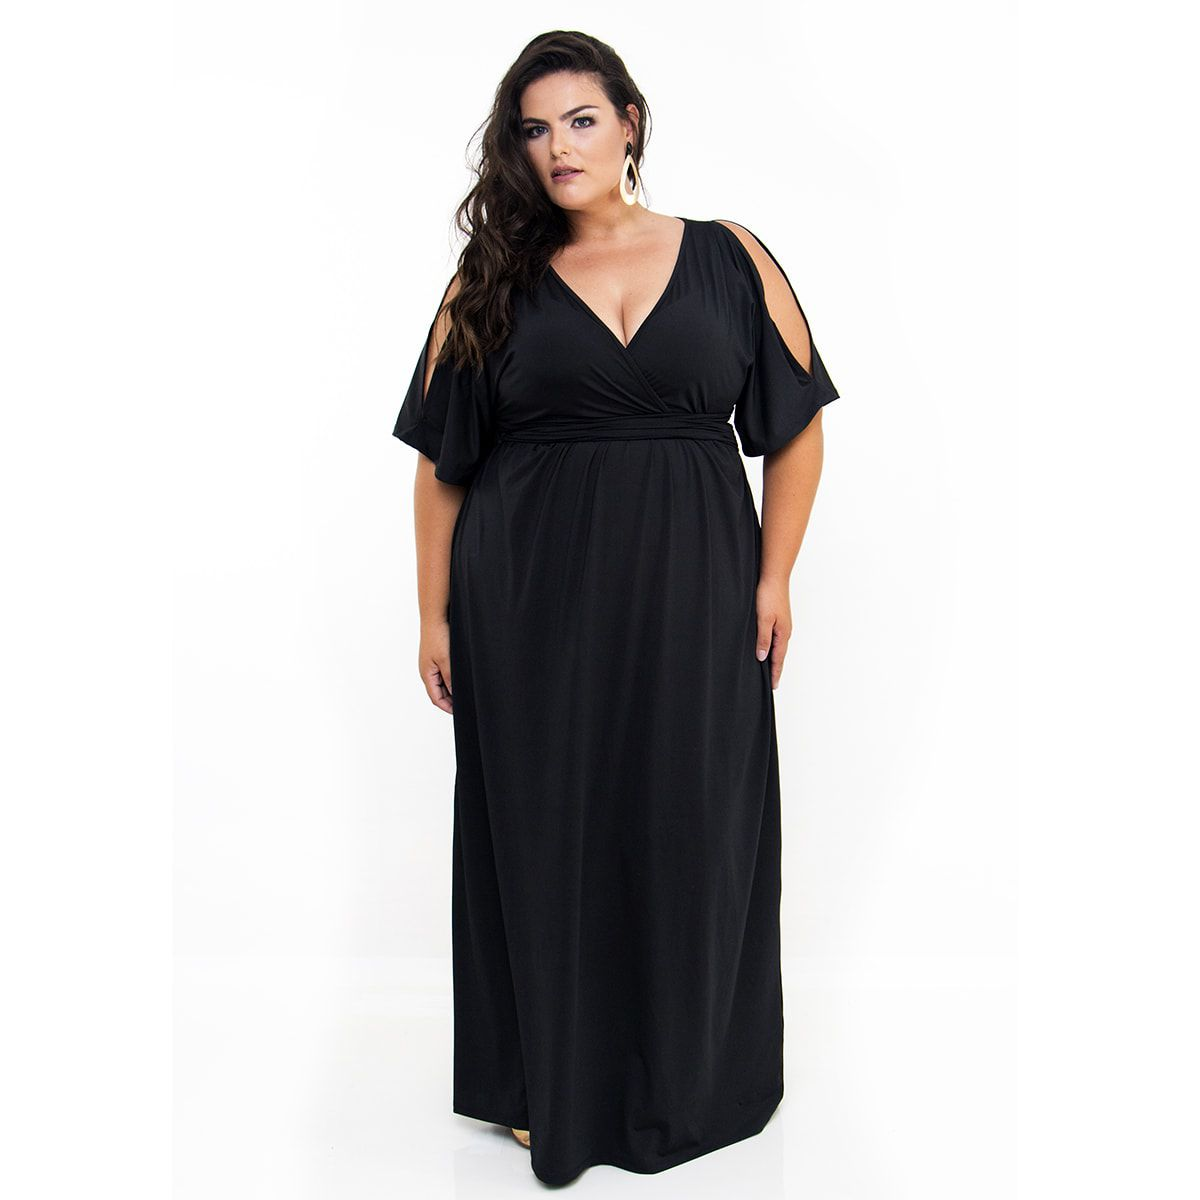 Vestido Longo Plus Size Preto